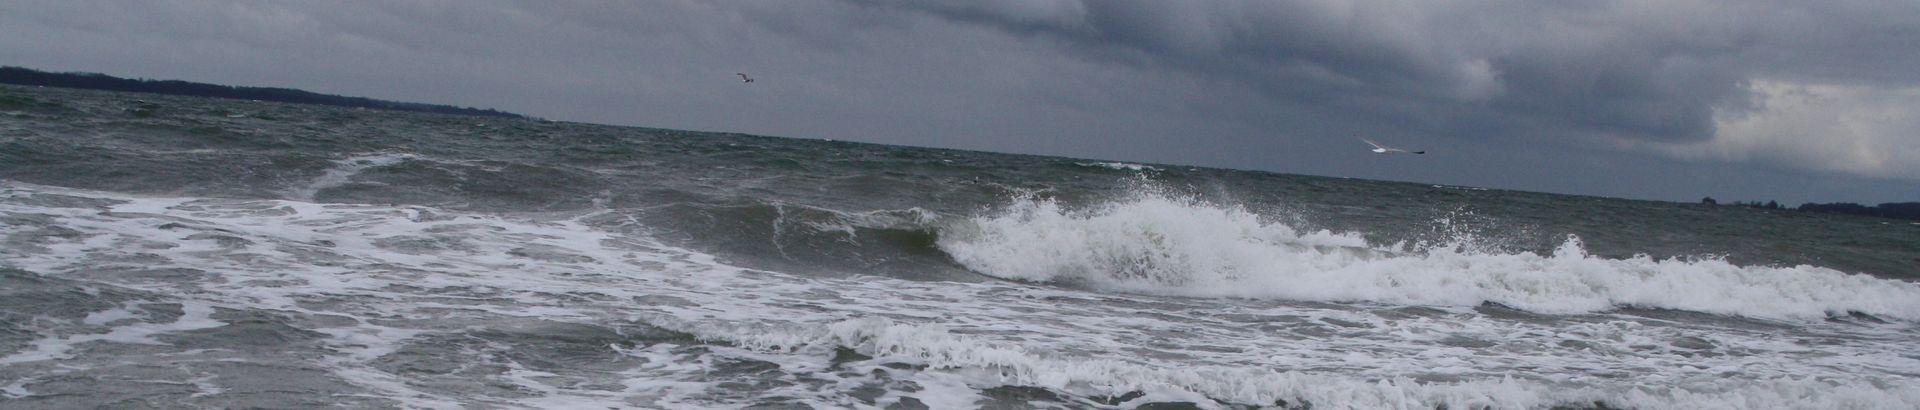 Sturm an der Eckernförder Bucht